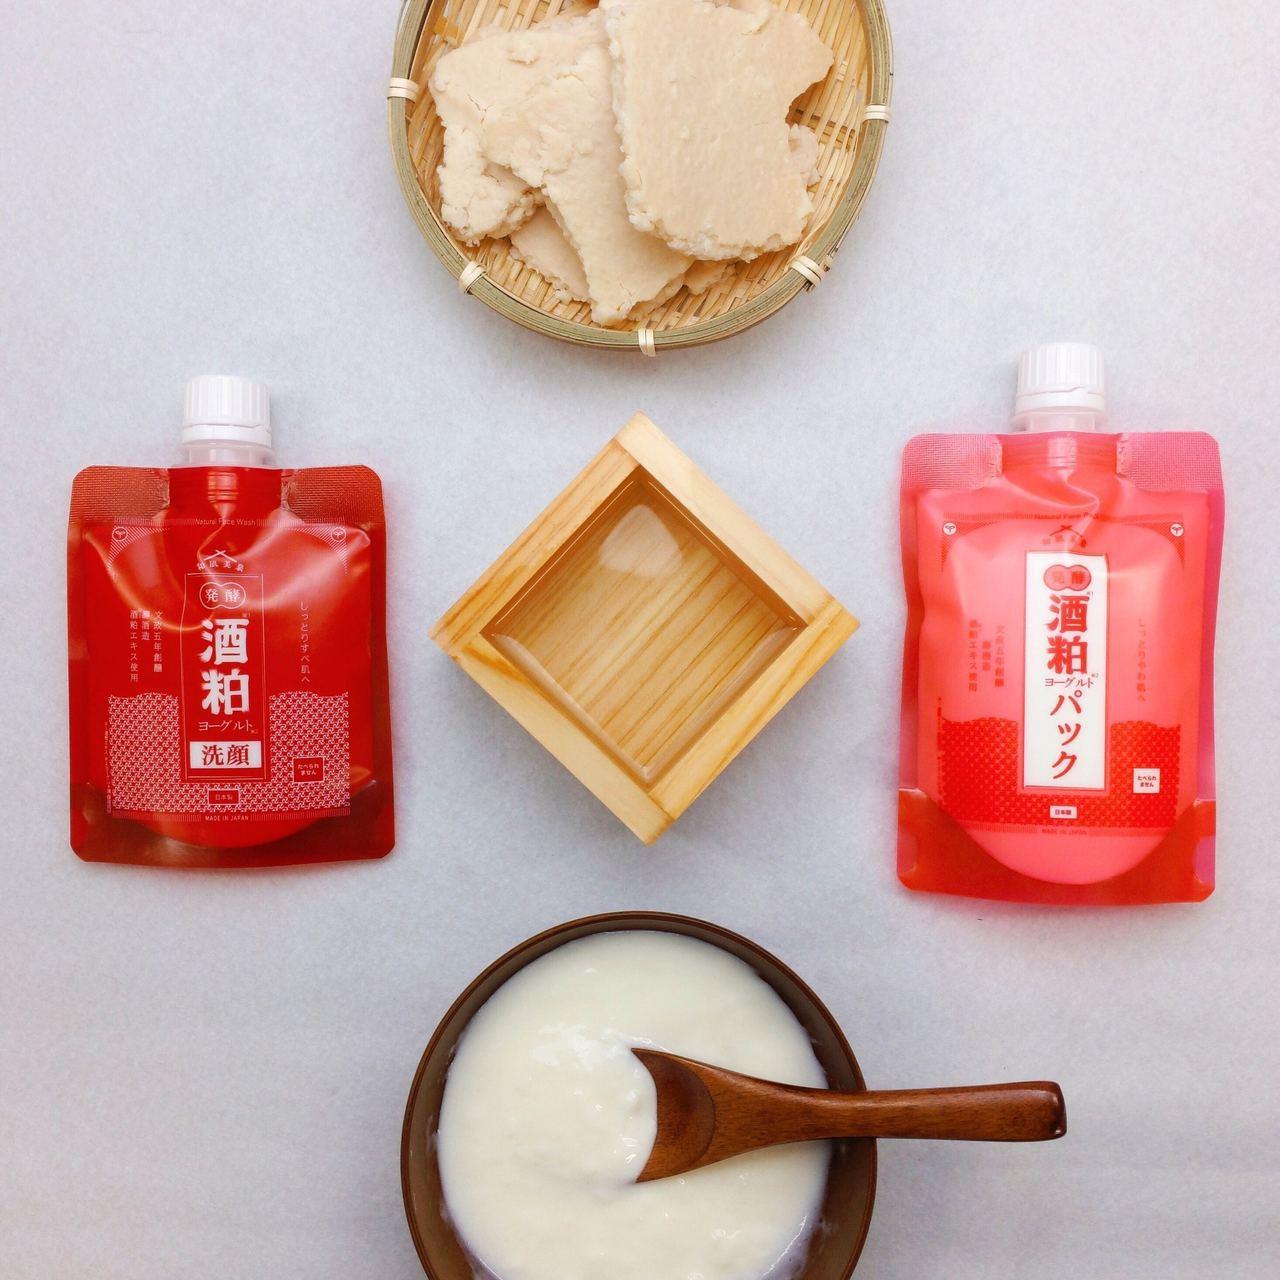 和肌美泉極釀酒粕優格酵素洗面露、美肌面膜。圖/台隆手創館提供